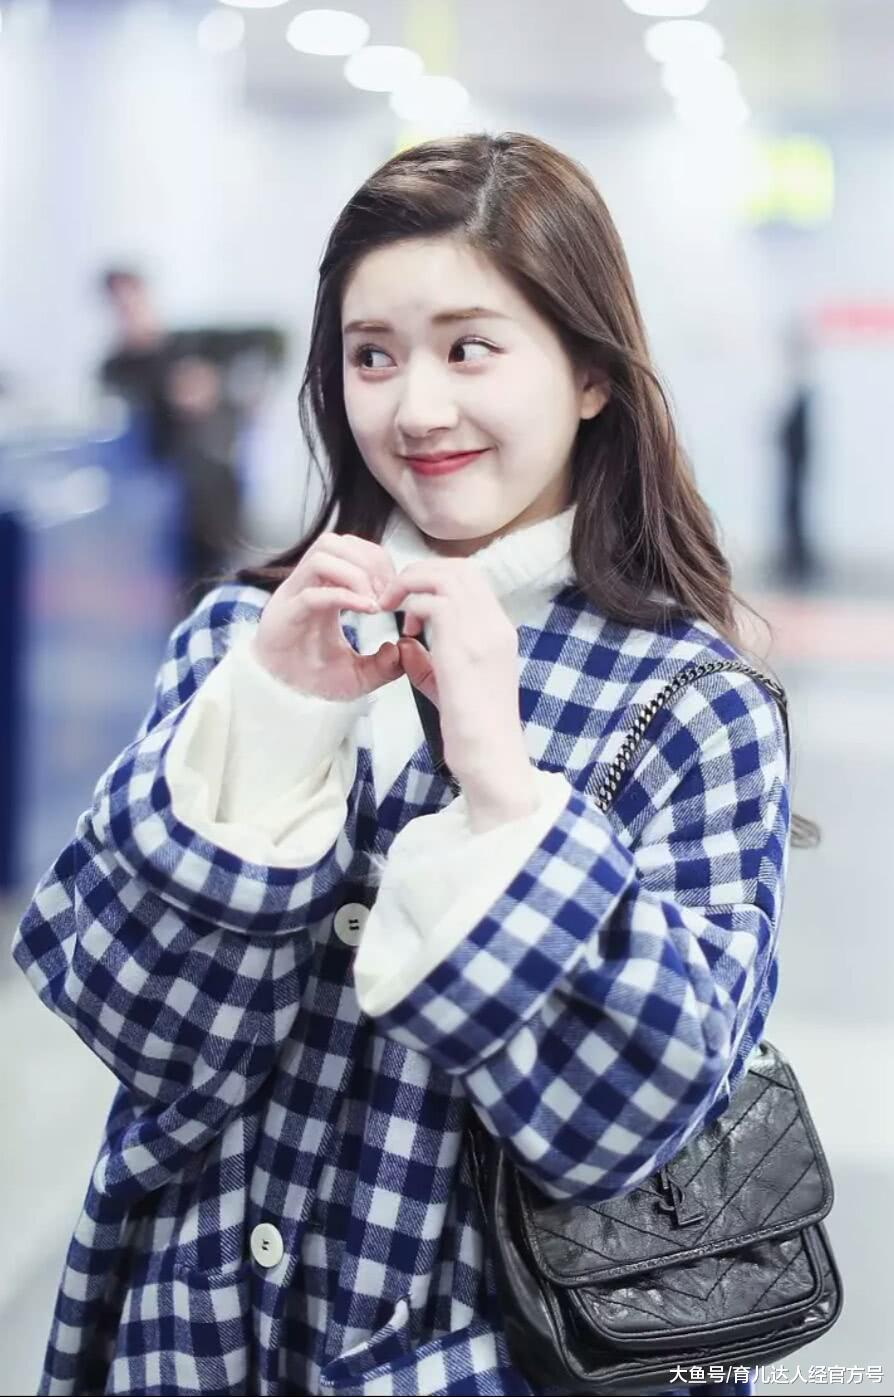 赵露思走机场,穿大衣俏皮可爱比心心,完全被可爱到了